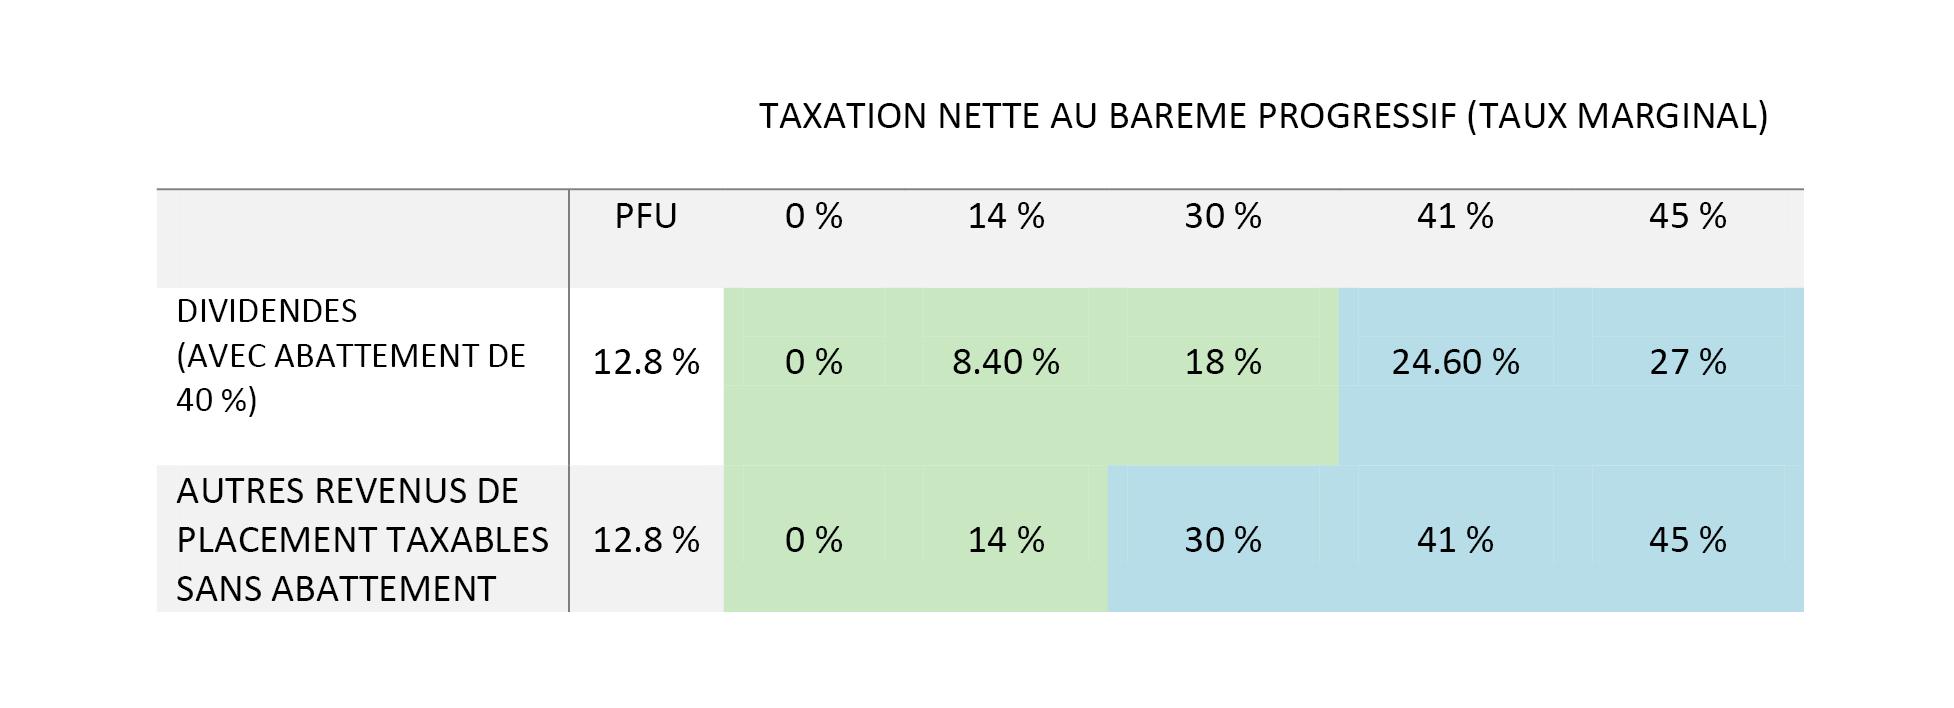 intérêt du PFU ou choix du taux progressif